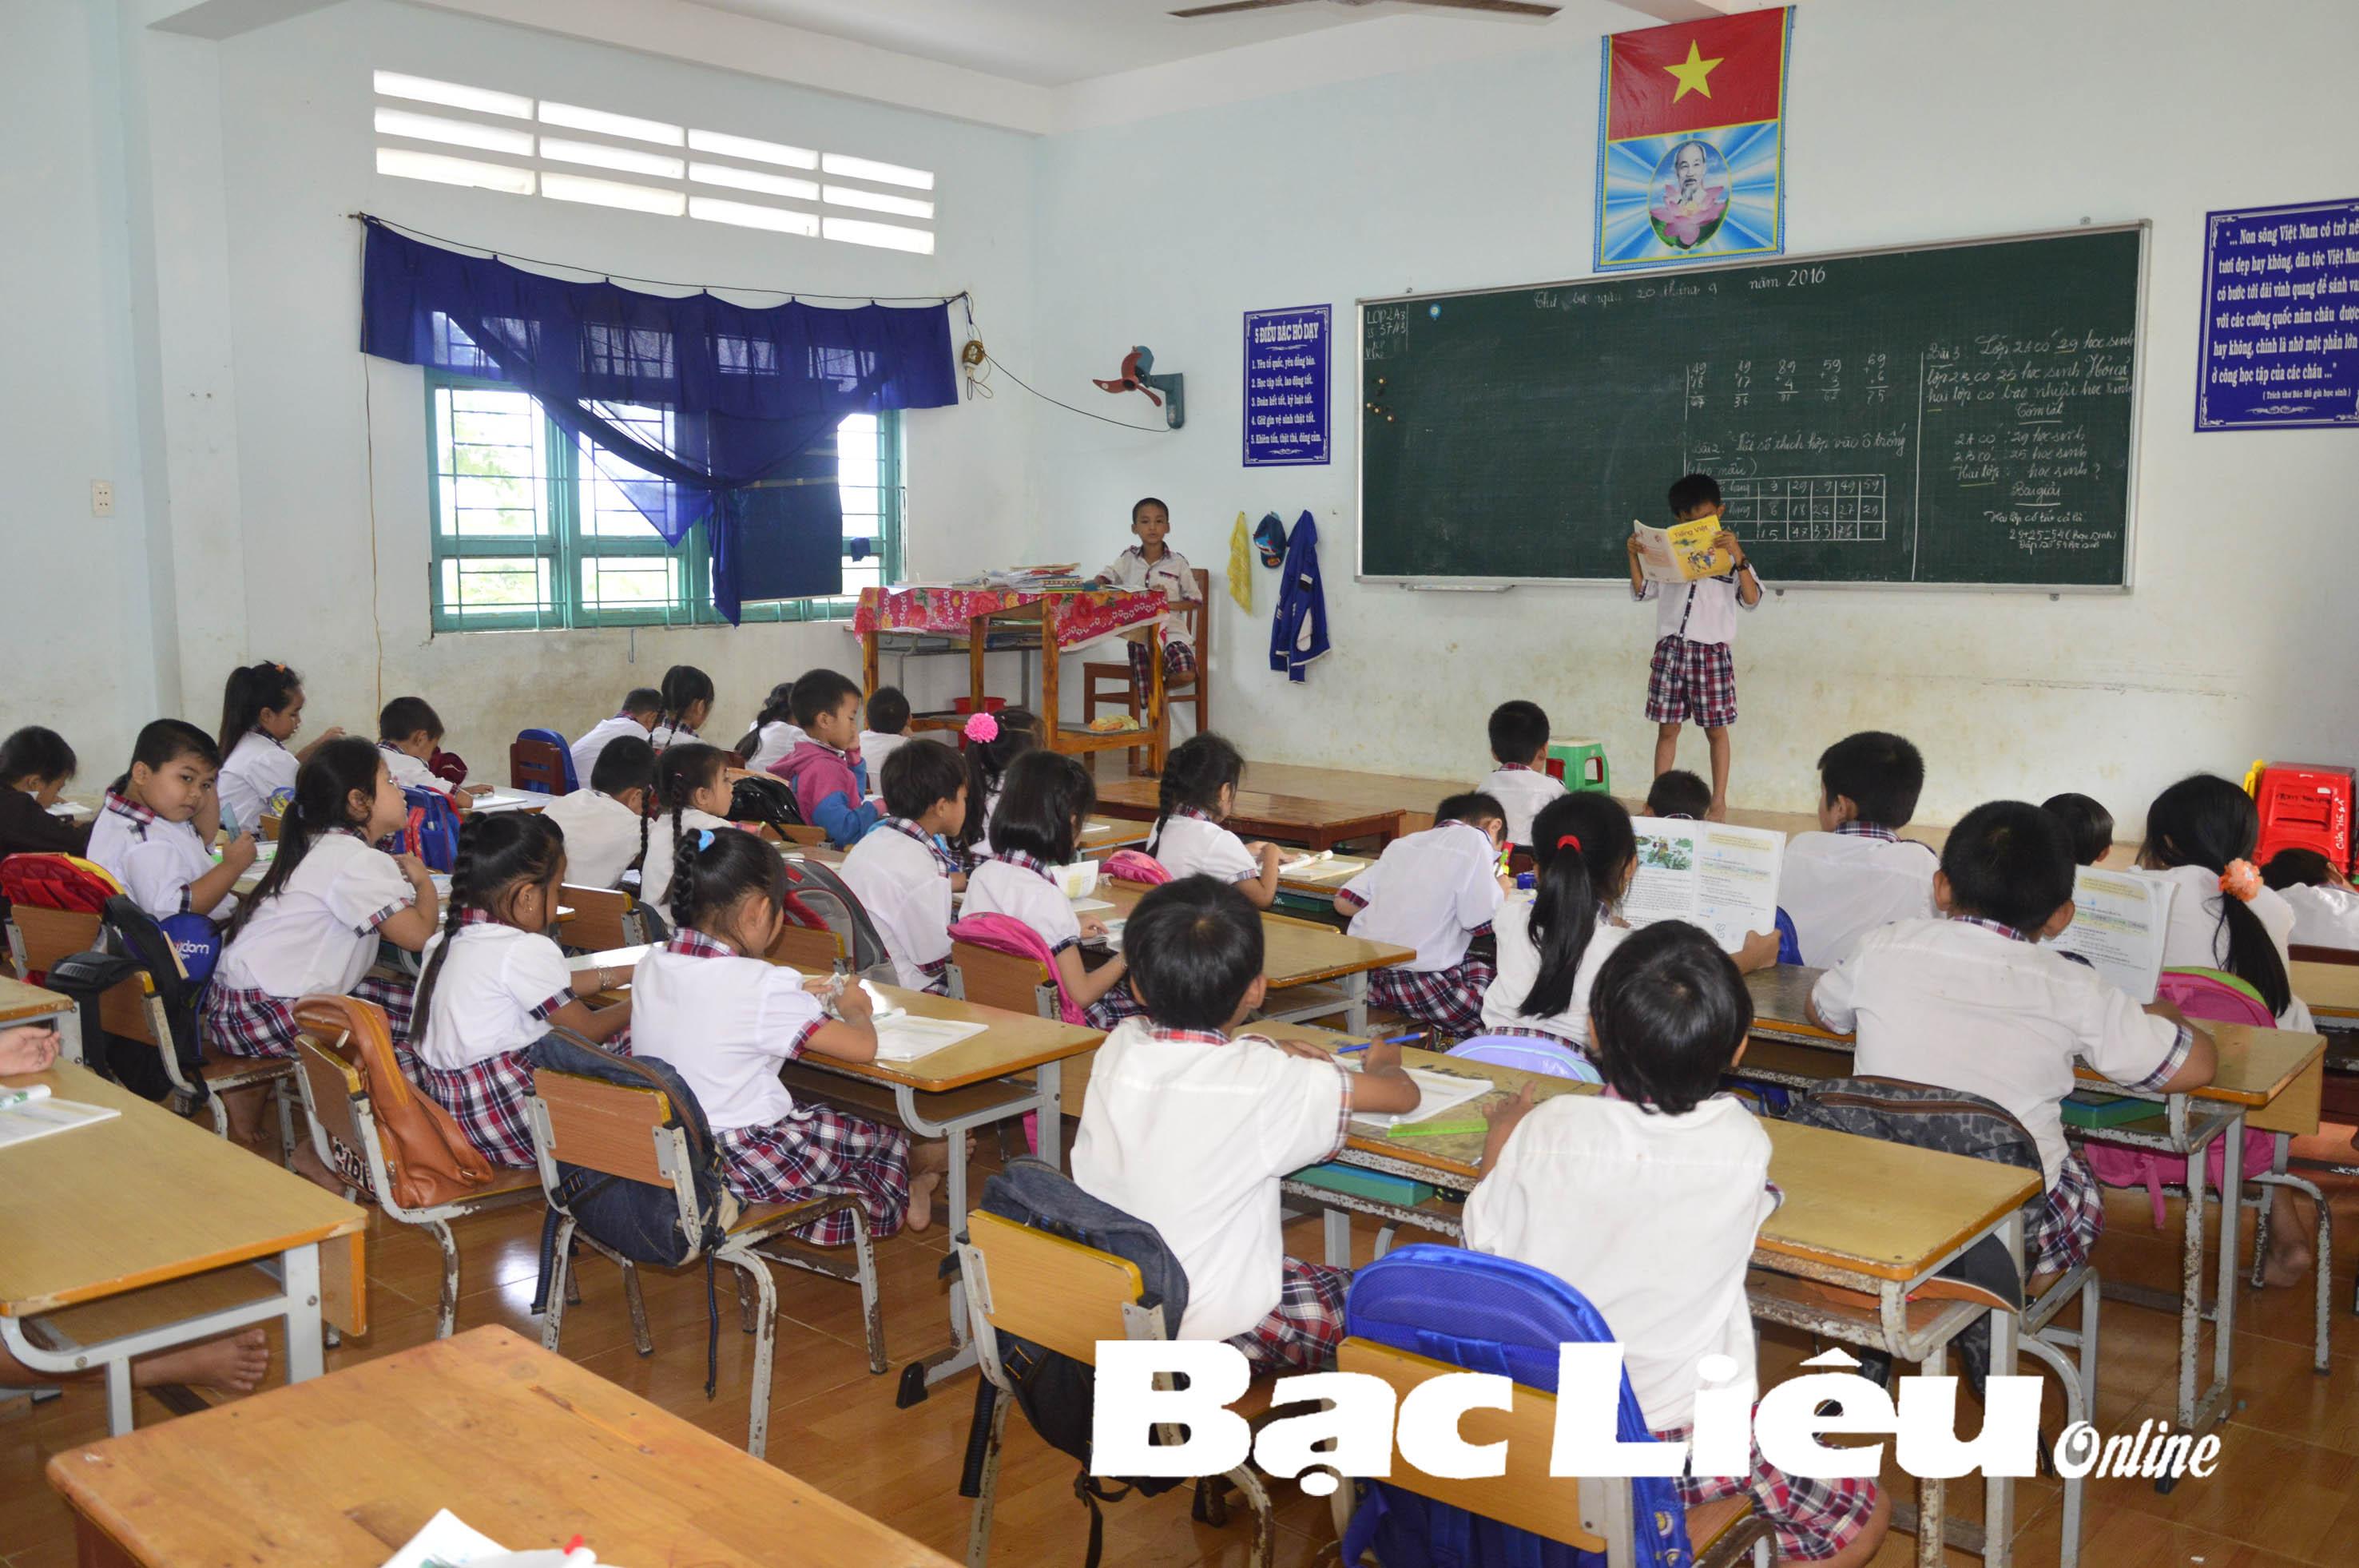 Giảm tải chương trình cho học sinh các cấp: Không để tình trạng học sinh lớp 1 không biết đọc, biết viết khi lên lớp 2